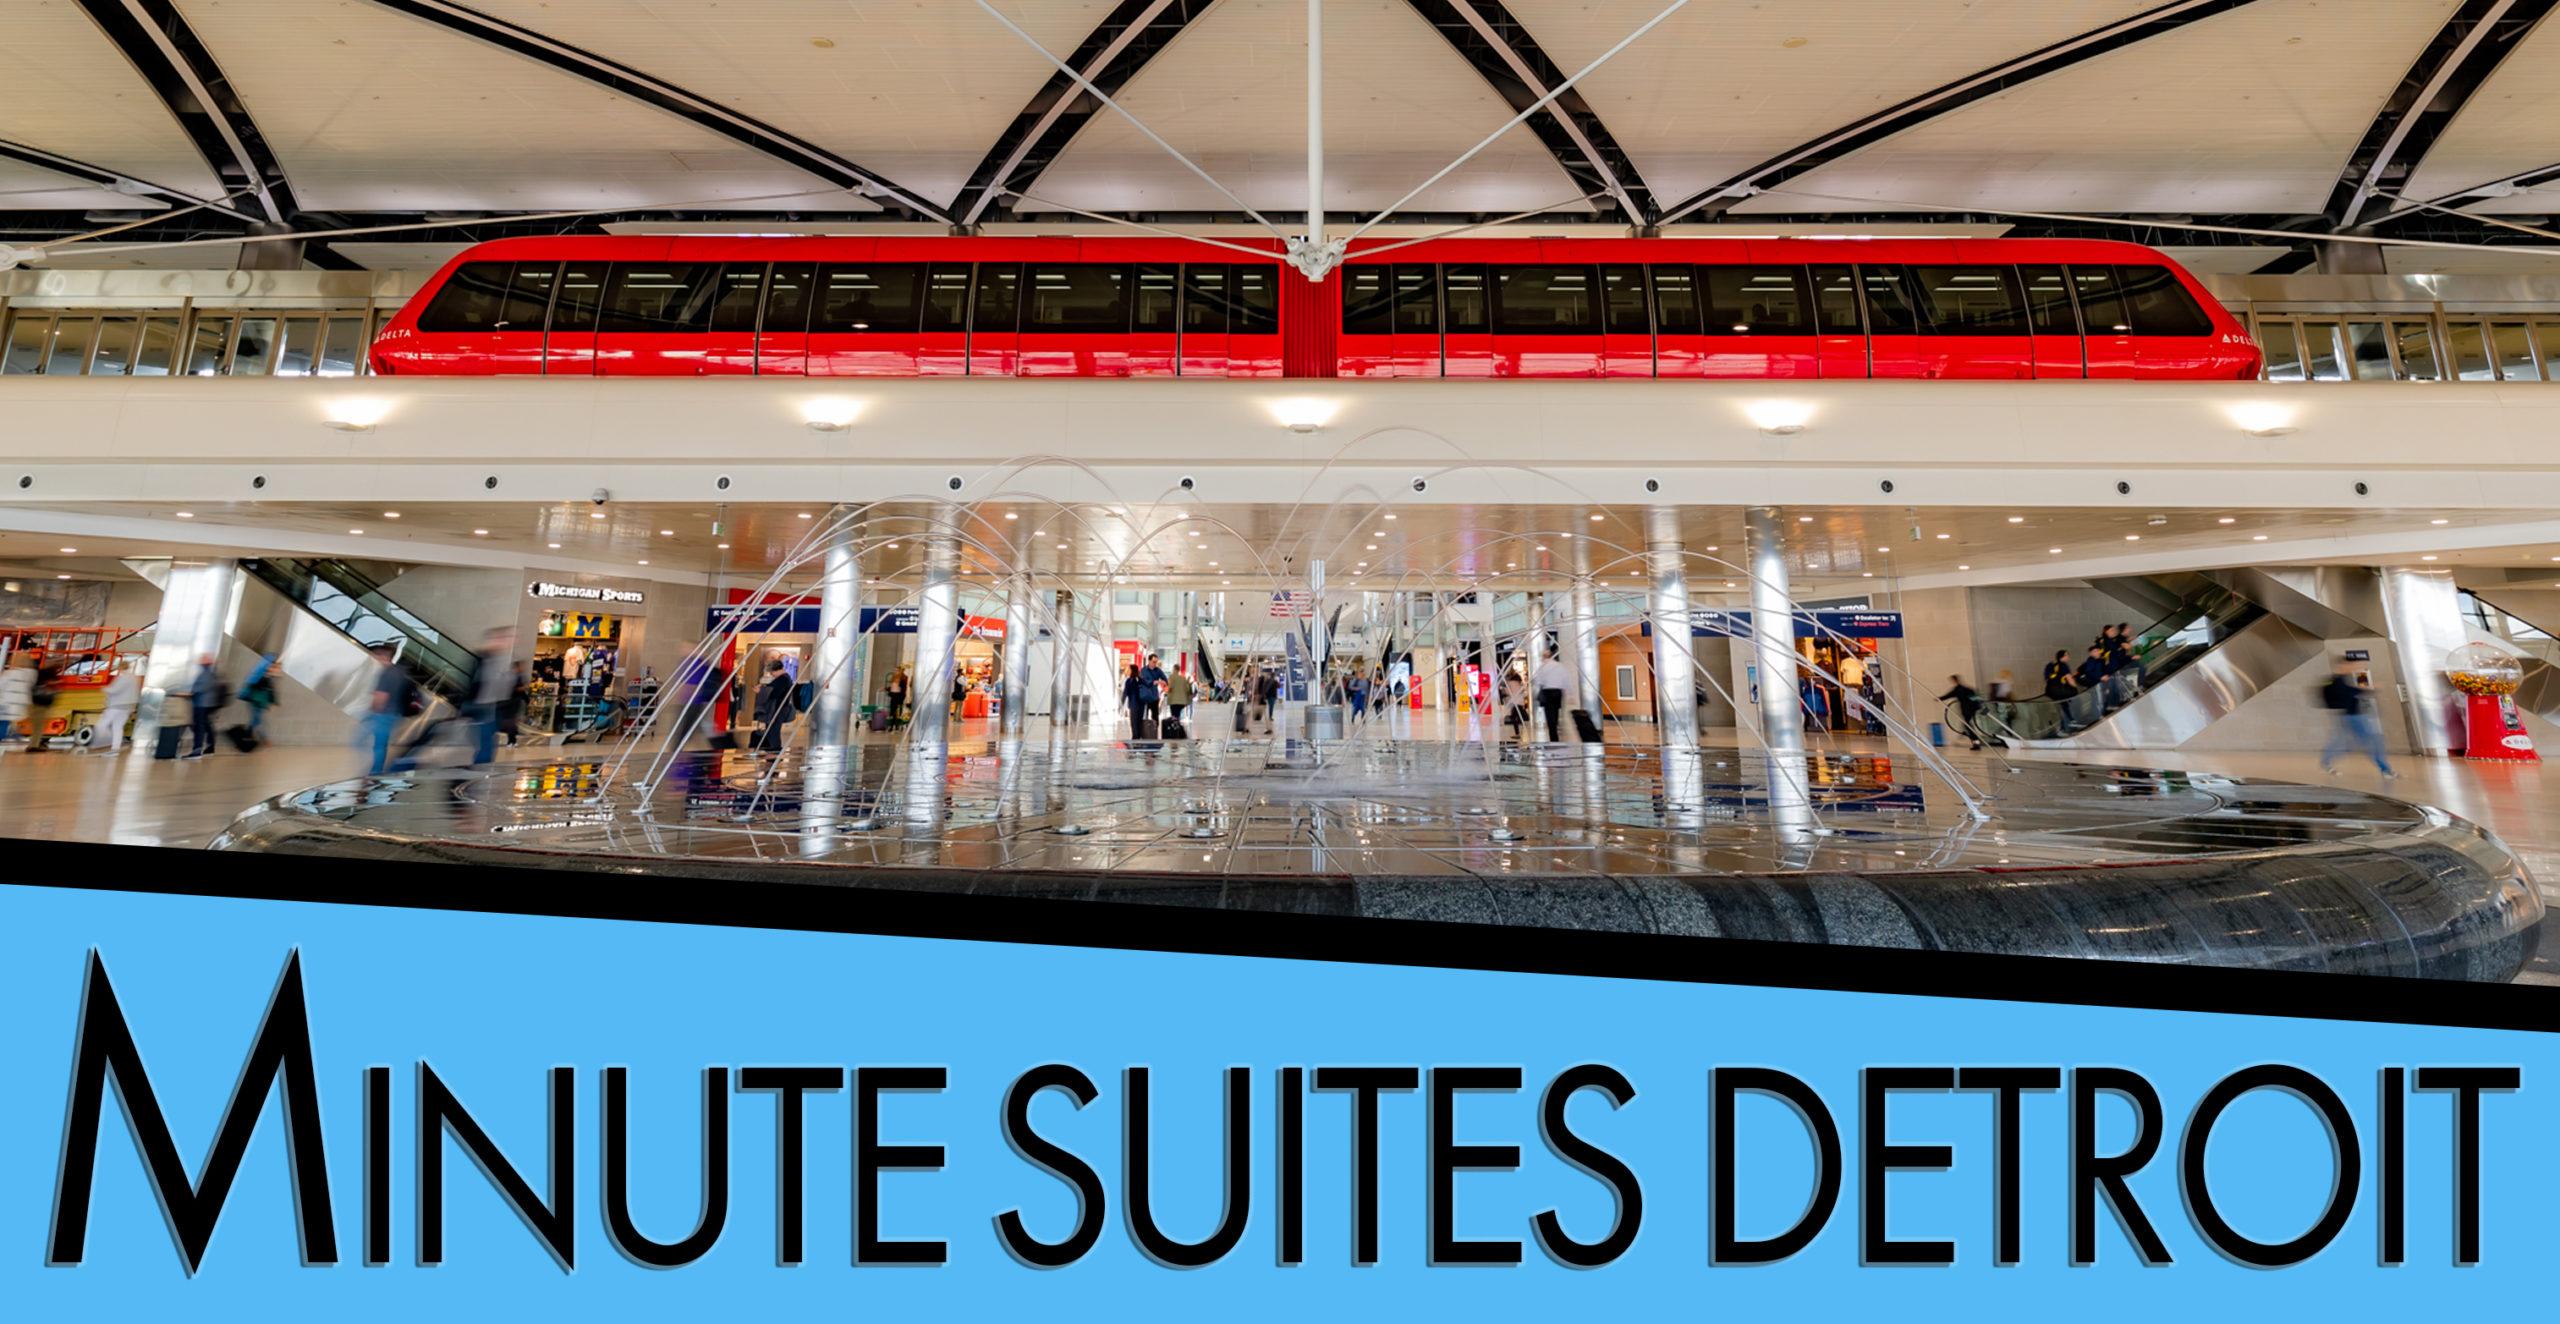 DTW Minute Suites